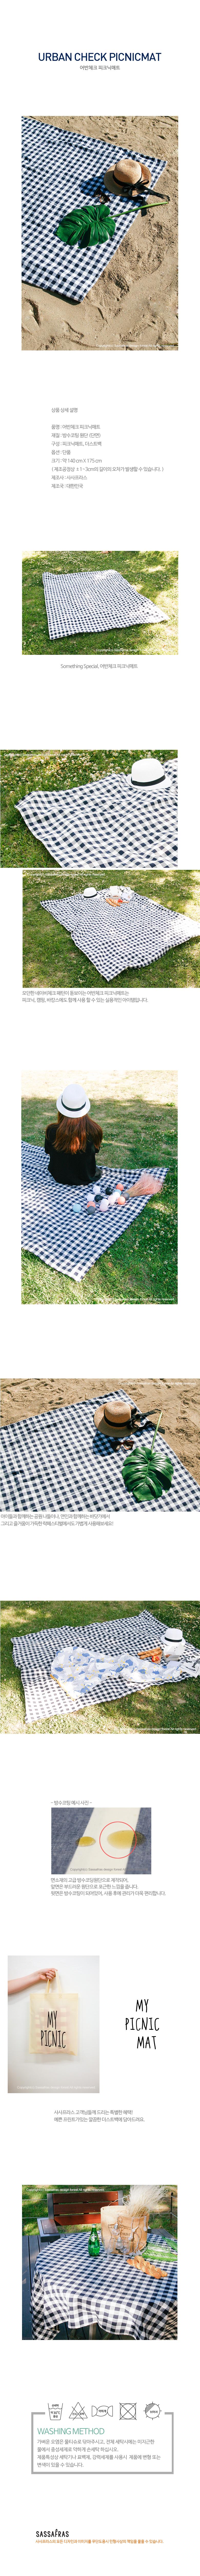 어반체크 피크닉매트48,000원-사사프라스여행/레져, 캠핑용품, 매트/돗자리, 매트/돗자리바보사랑어반체크 피크닉매트48,000원-사사프라스여행/레져, 캠핑용품, 매트/돗자리, 매트/돗자리바보사랑